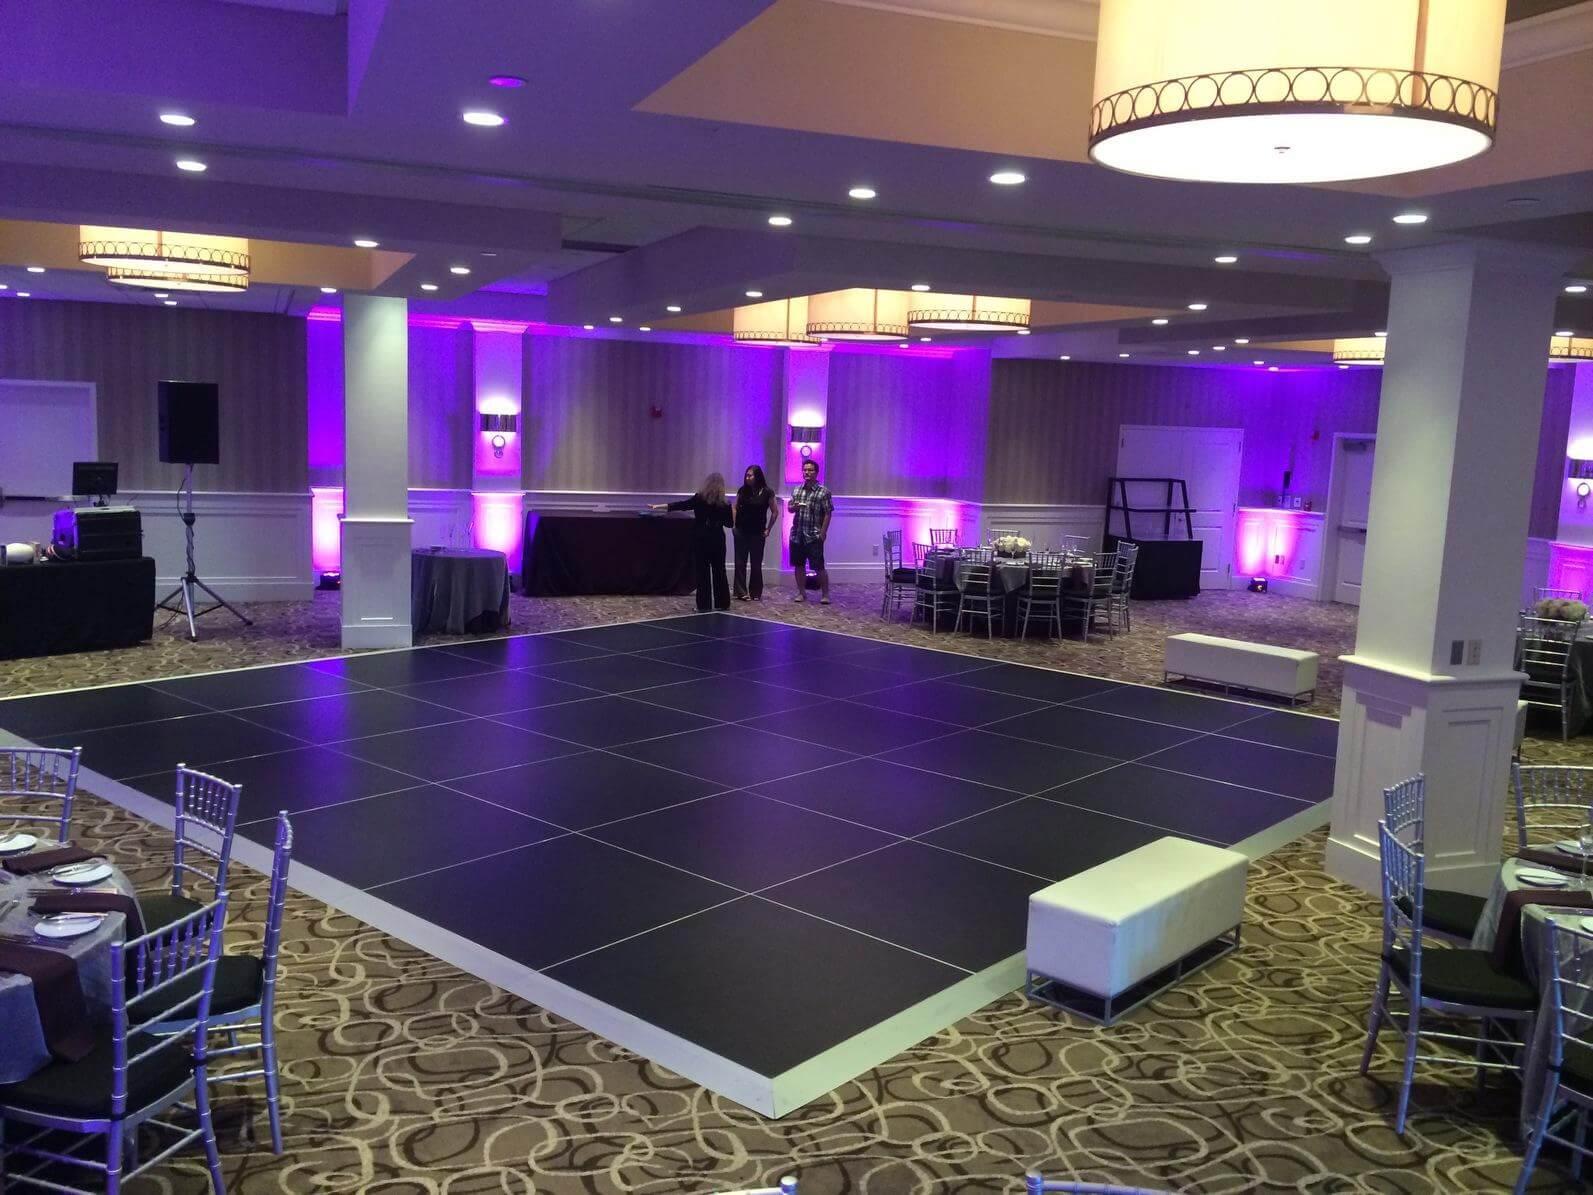 Black dance floor